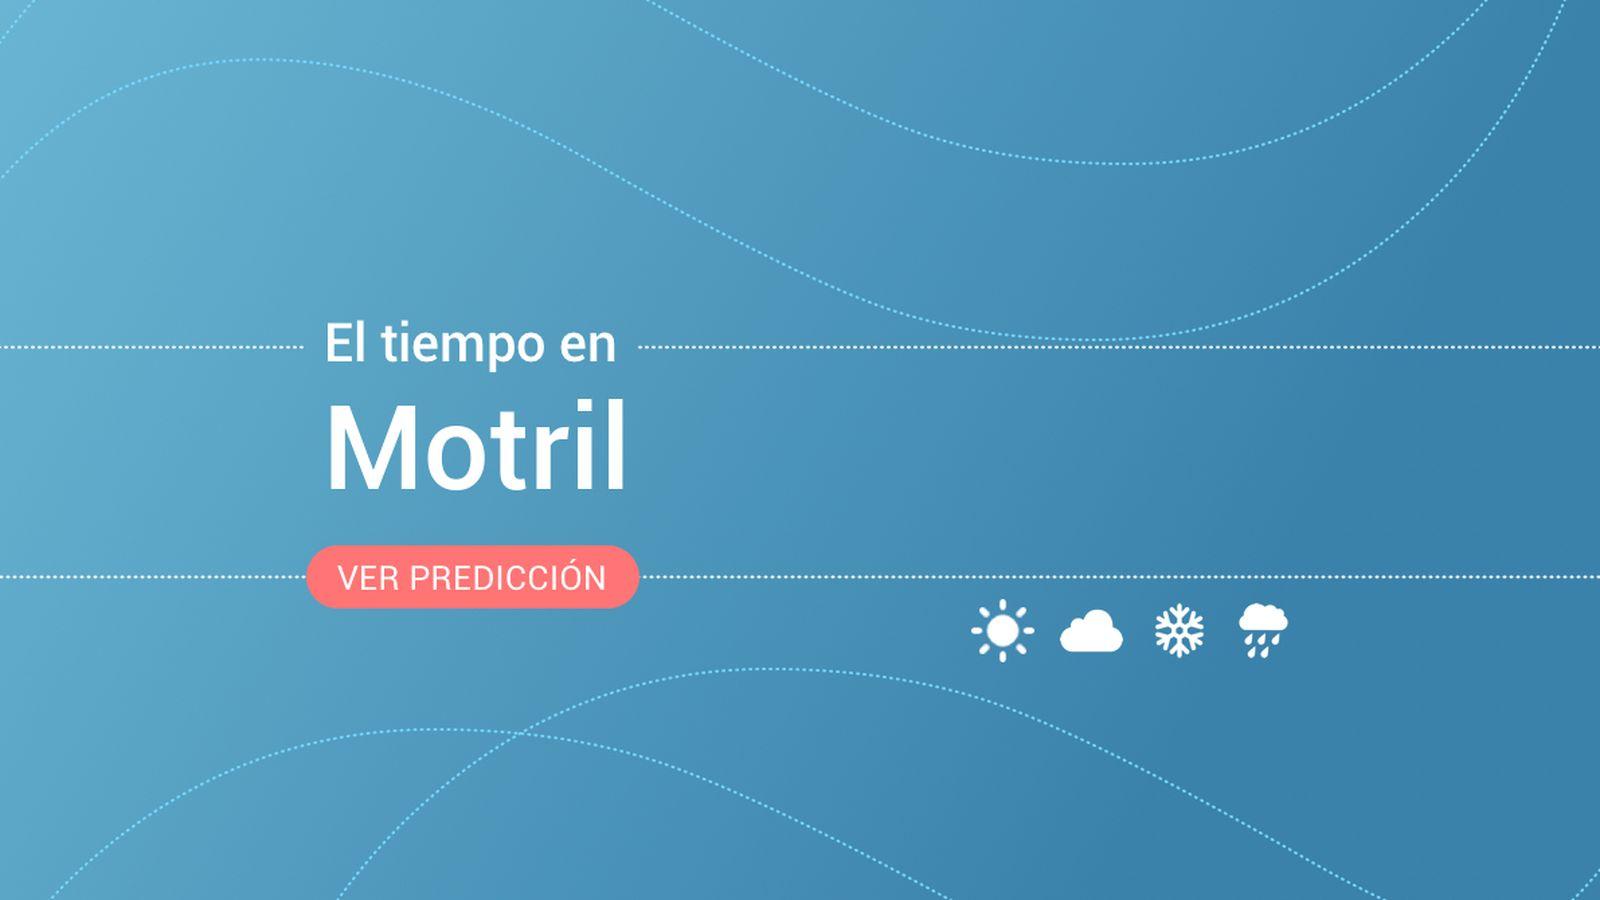 Foto: El tiempo en Motril. (EC)